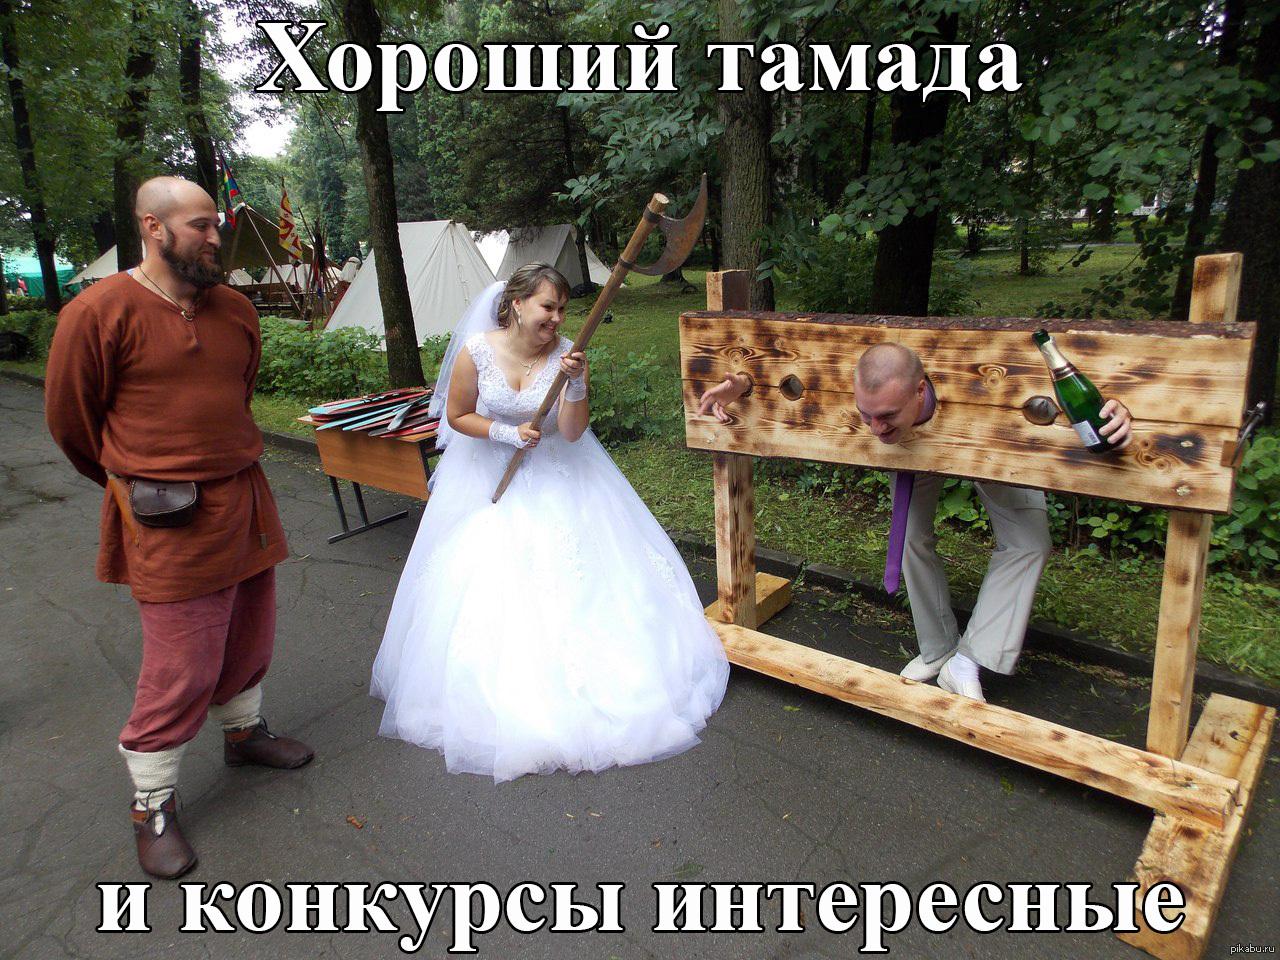 женщина из одинцово пострадала на свадьбе